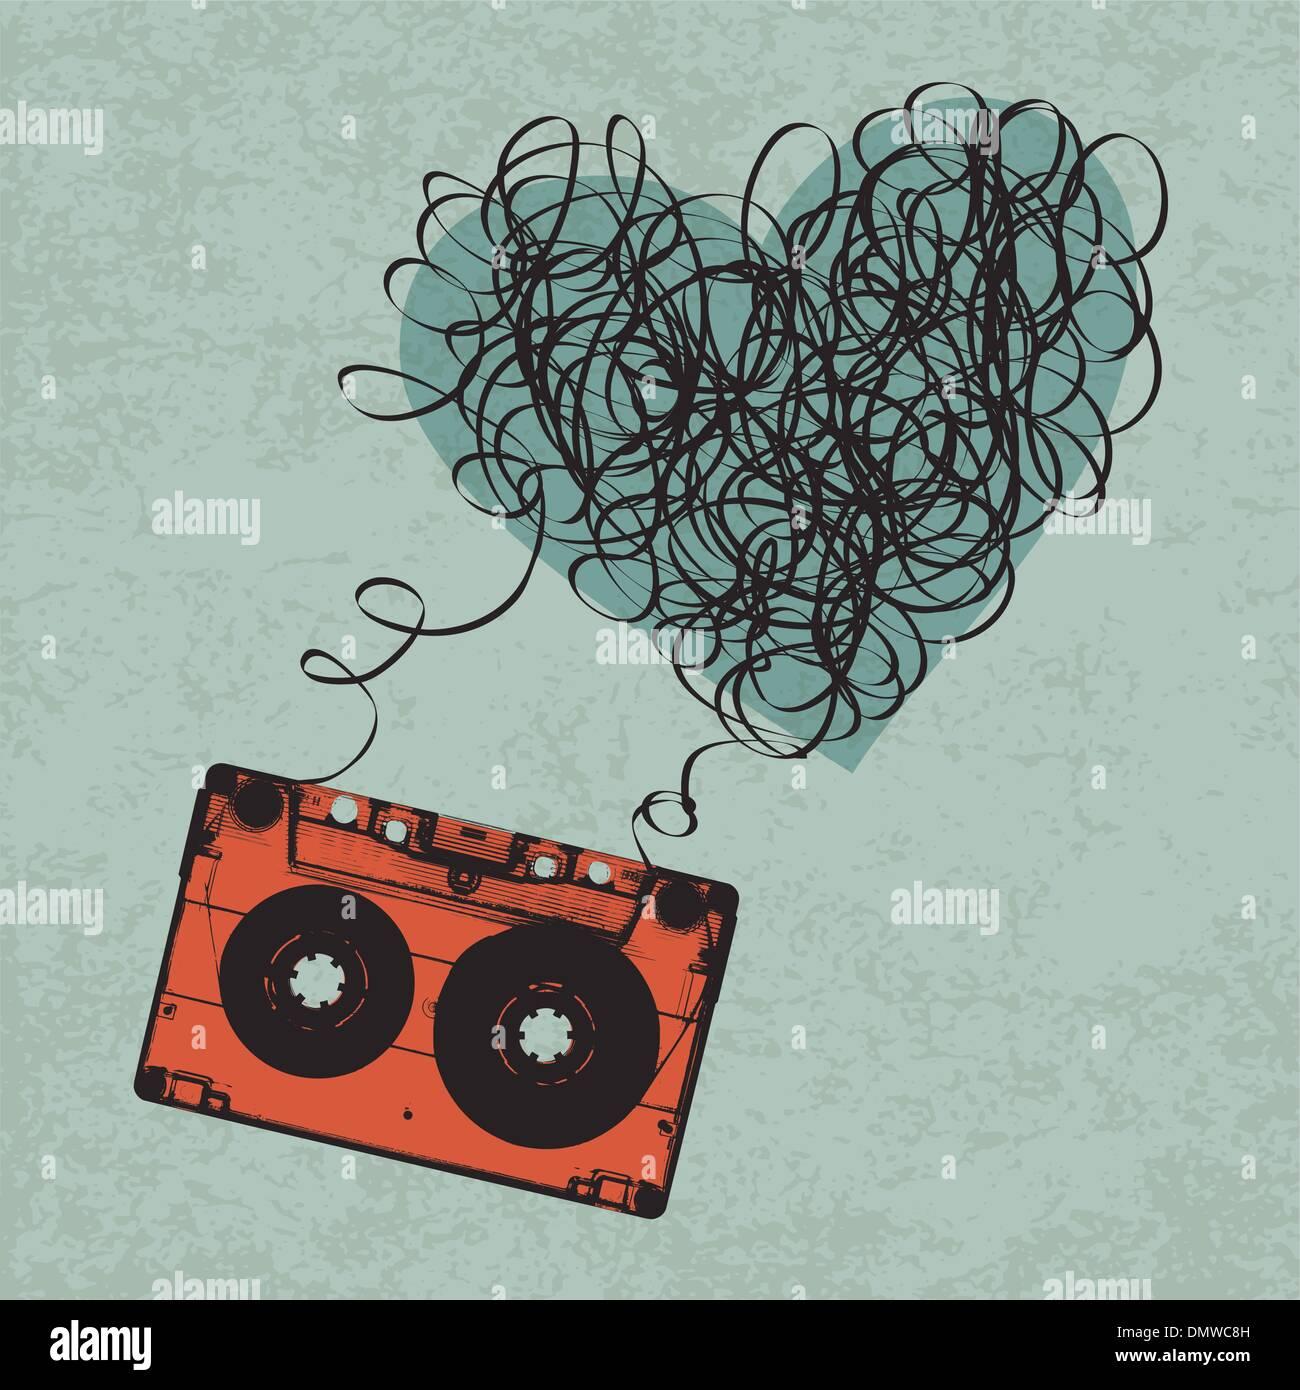 Vintage audiocasette ilustración con cinta desordenado en forma de corazón. Imagen De Stock